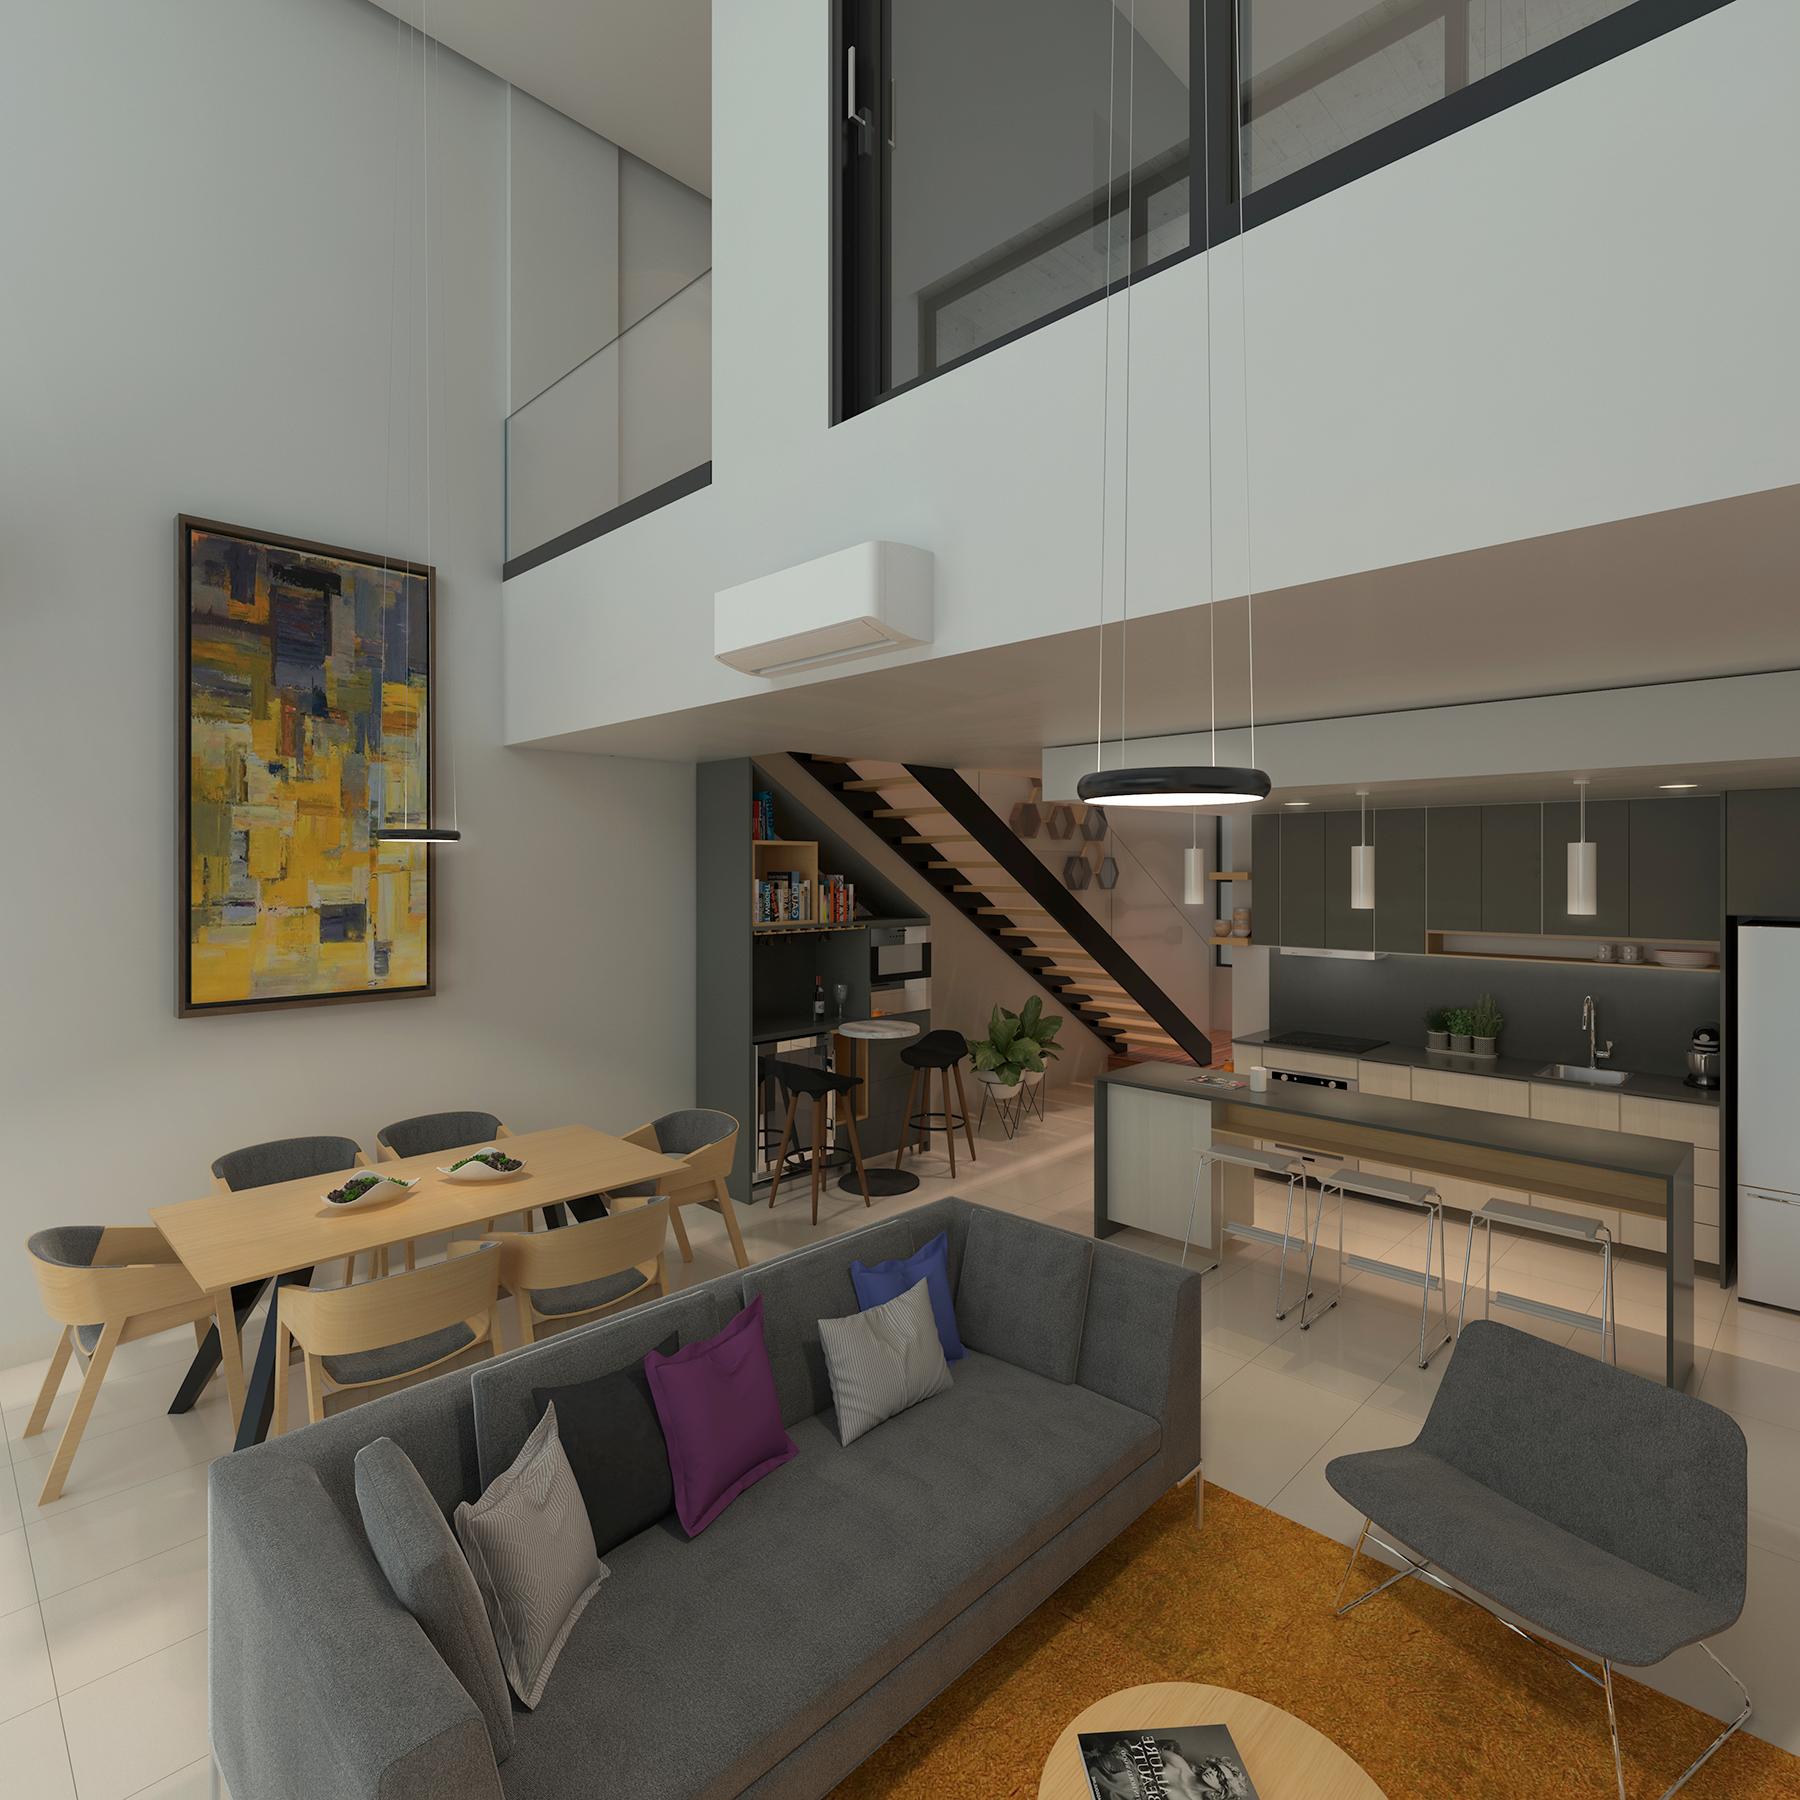 20298 3 bedroom loft in the heart of Playa del  - Condo